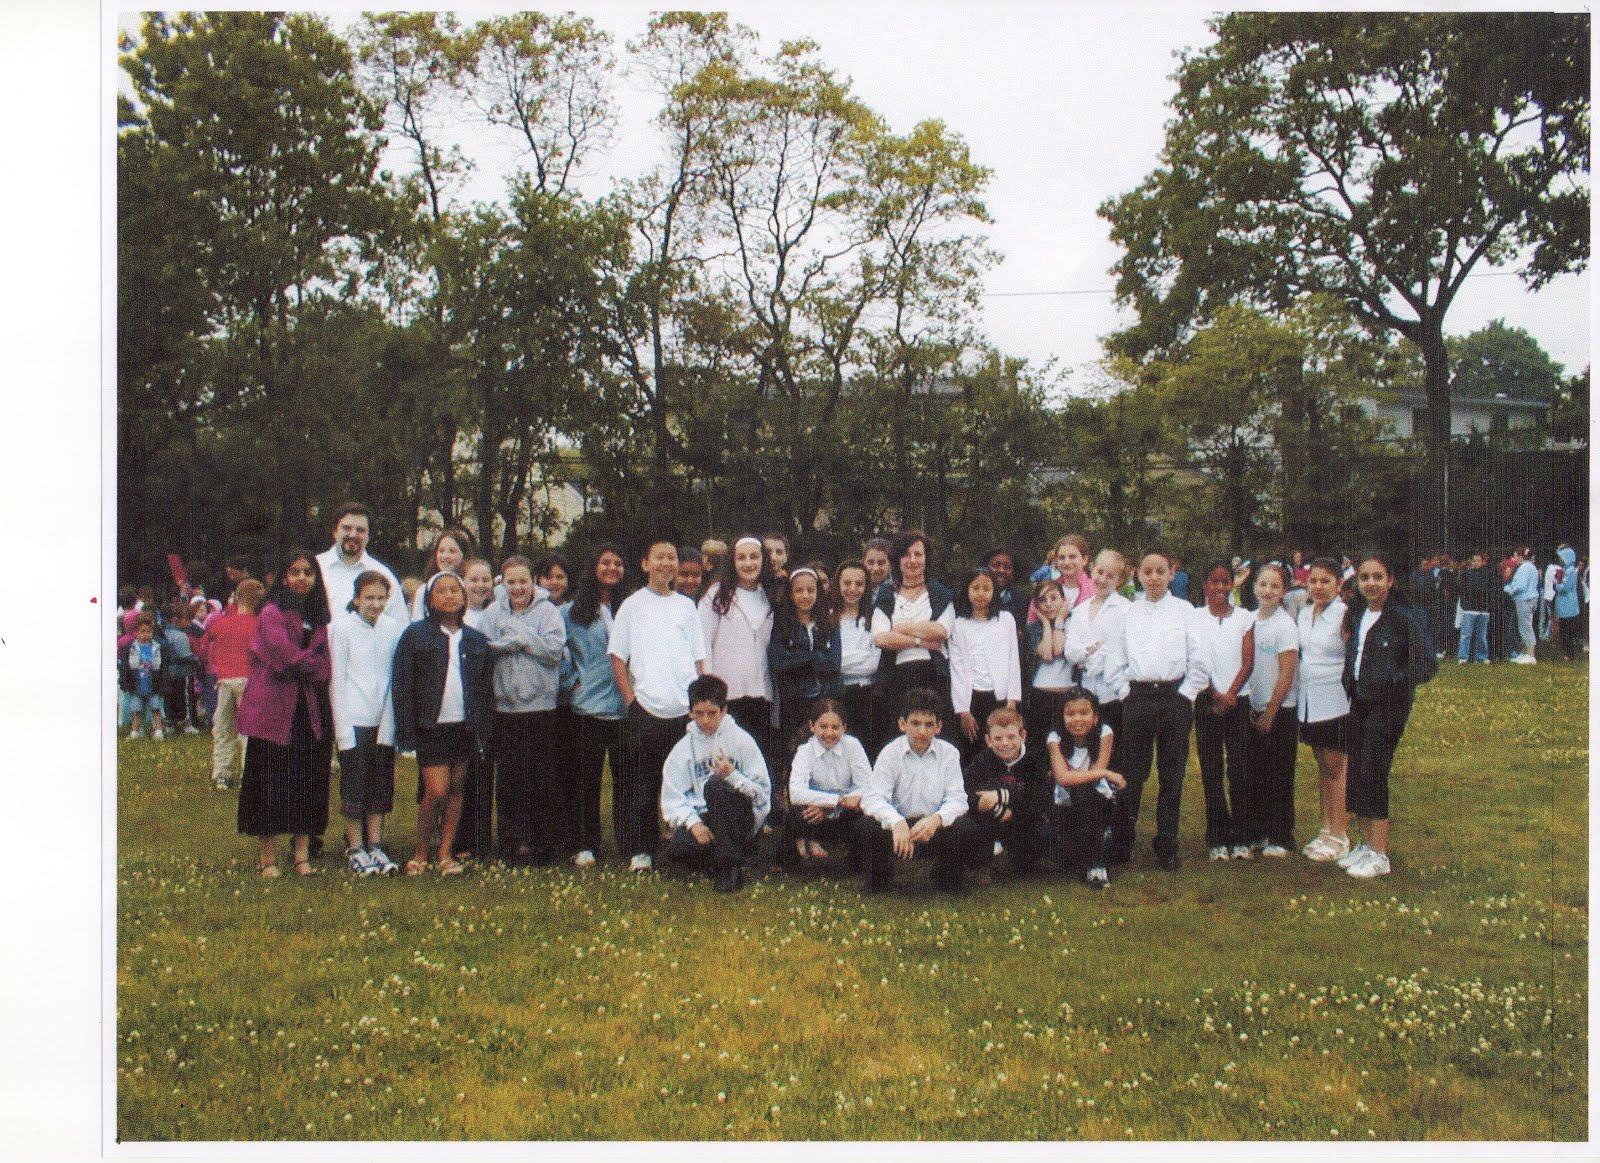 North Bellmore Orchestra 2004